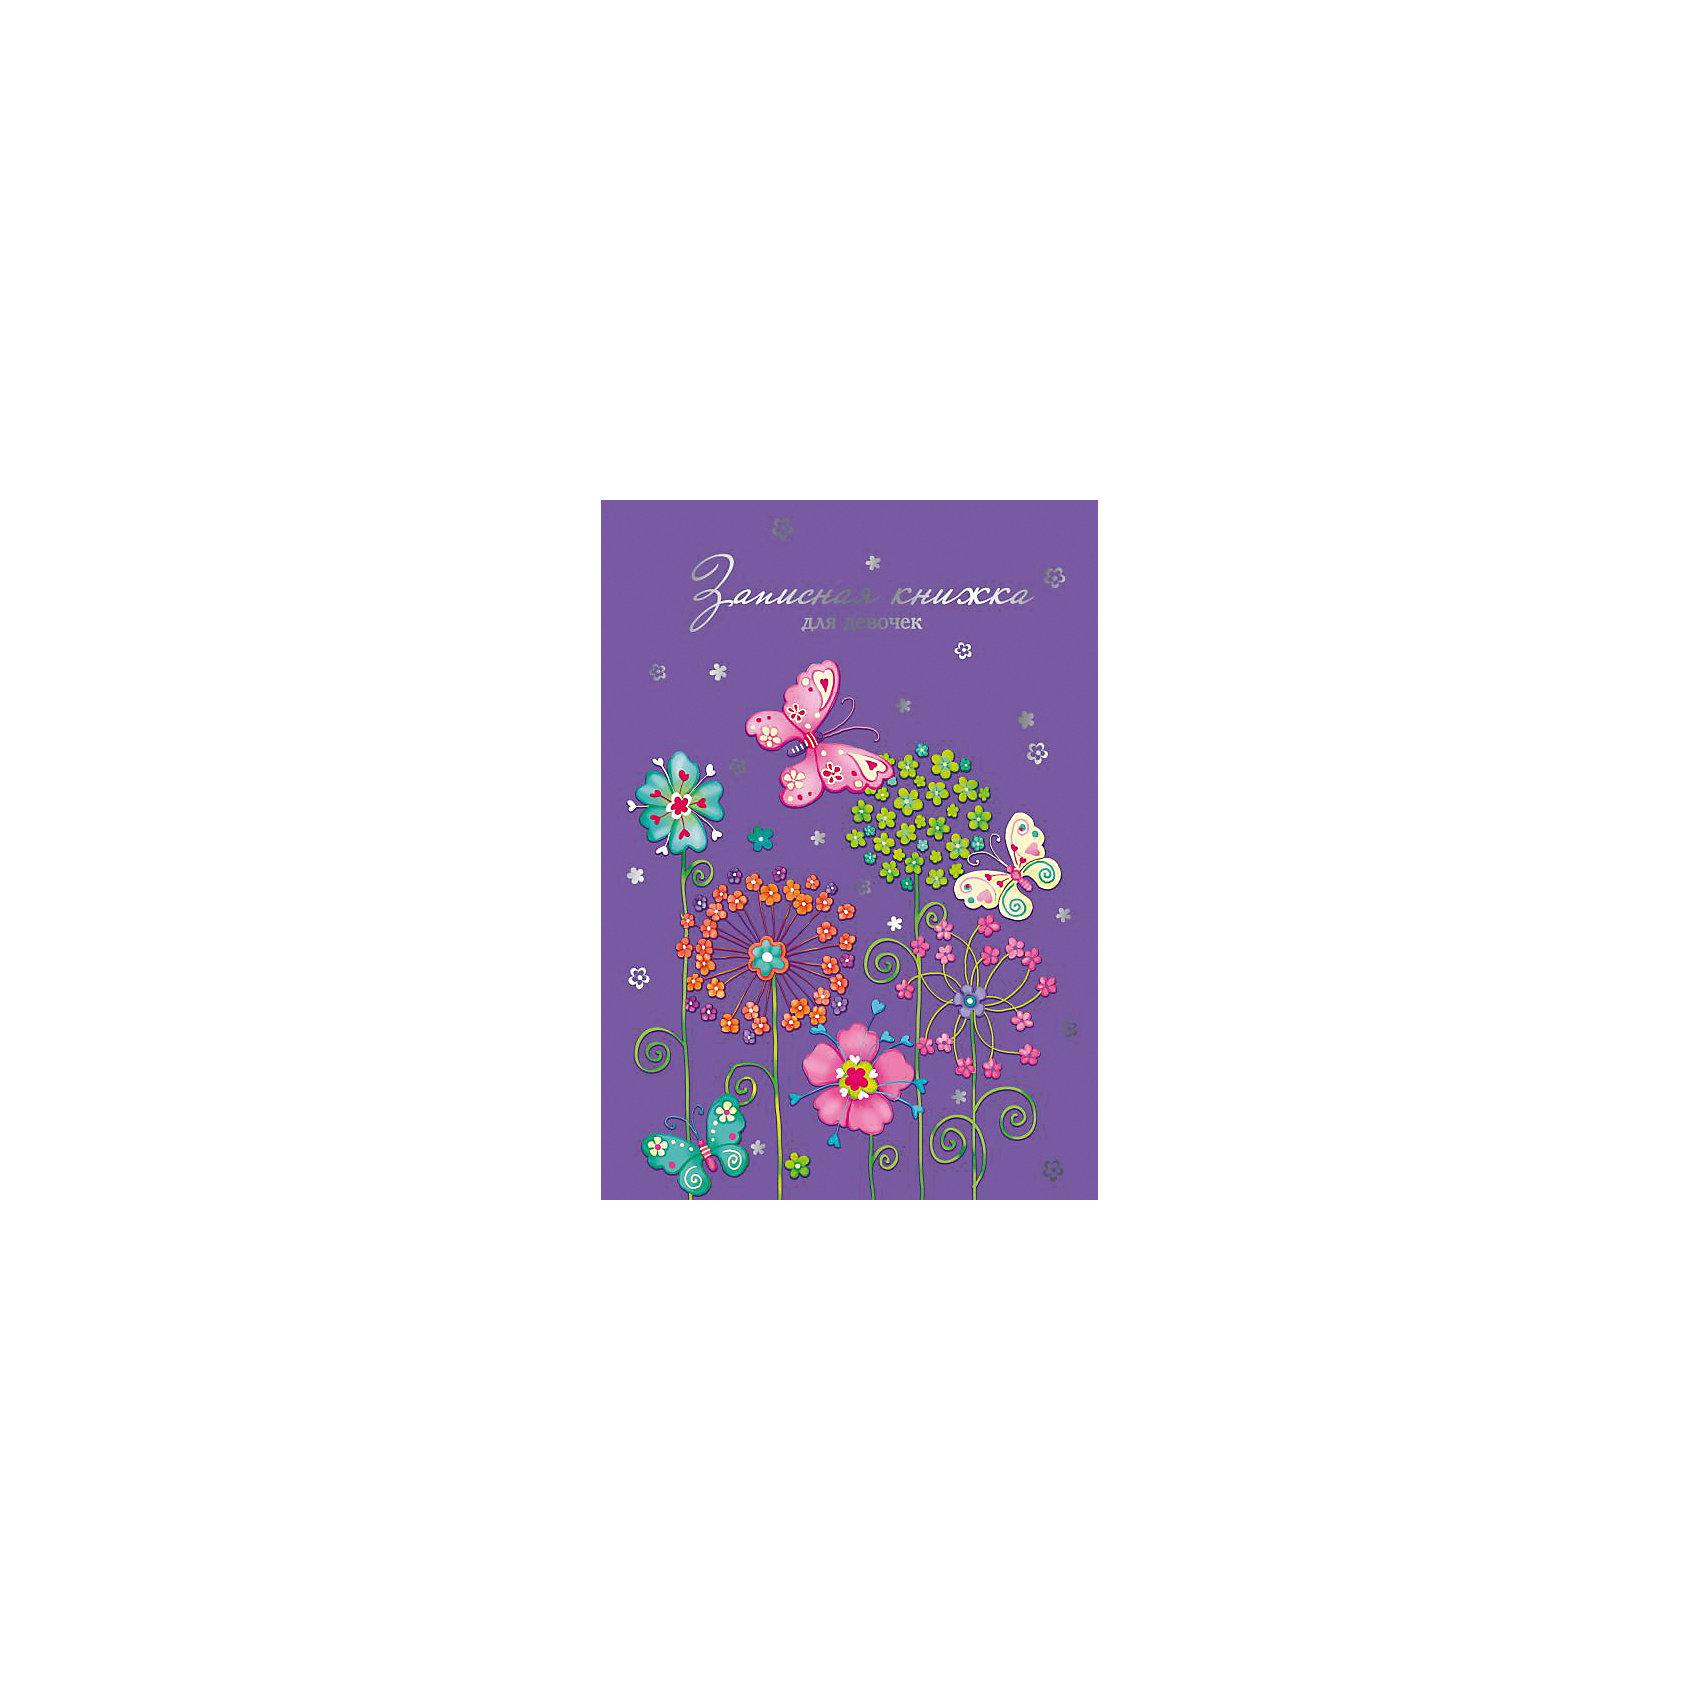 Записная книжка Весенние цветы Феникс+Бумажная продукция<br>Записная книжка для девочек ВЕСЕННИЕ ЦВЕТЫ /А5, 7БЦ, блок 4+4, 80 гр. Офсет, обл. 4+0, ламинация, тисн. фольгой/<br><br>Ширина мм: 205<br>Глубина мм: 145<br>Высота мм: 10<br>Вес г: 210<br>Возраст от месяцев: 72<br>Возраст до месяцев: 2147483647<br>Пол: Женский<br>Возраст: Детский<br>SKU: 7046214